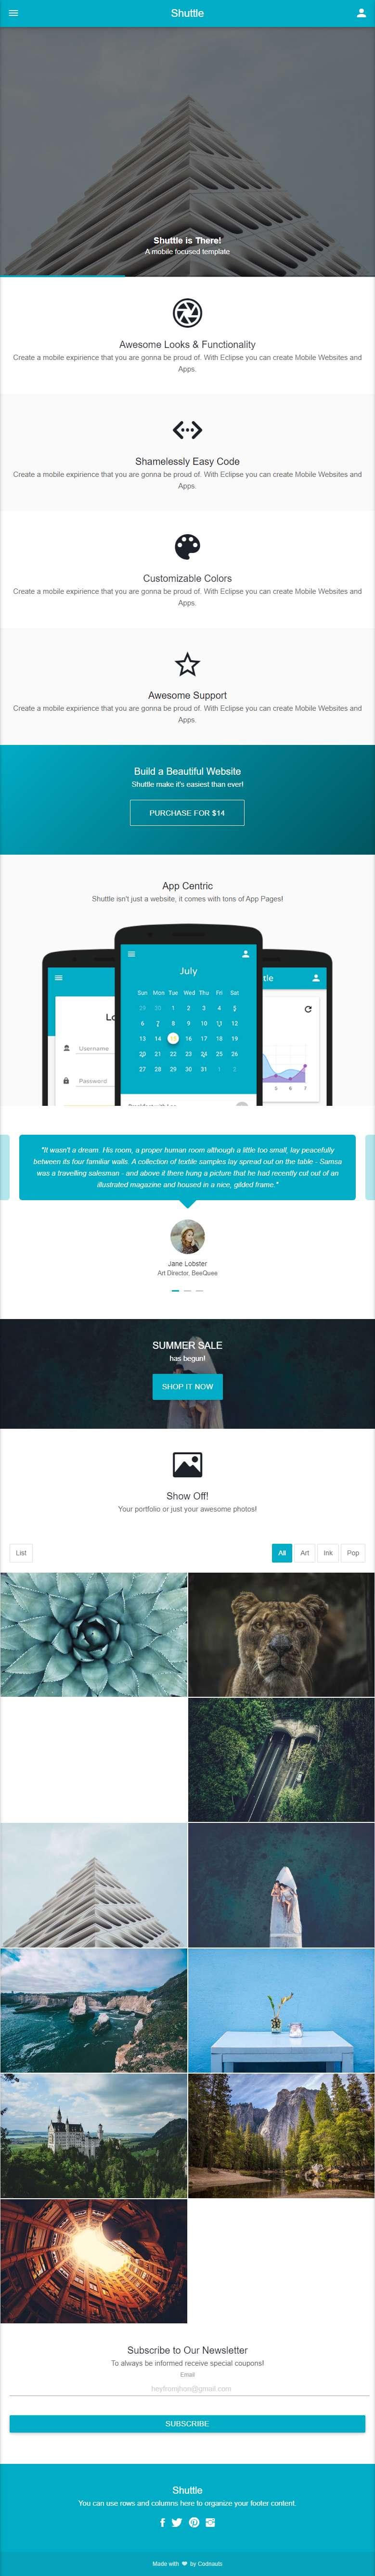 通用的企业博客手机网站ui框架模板